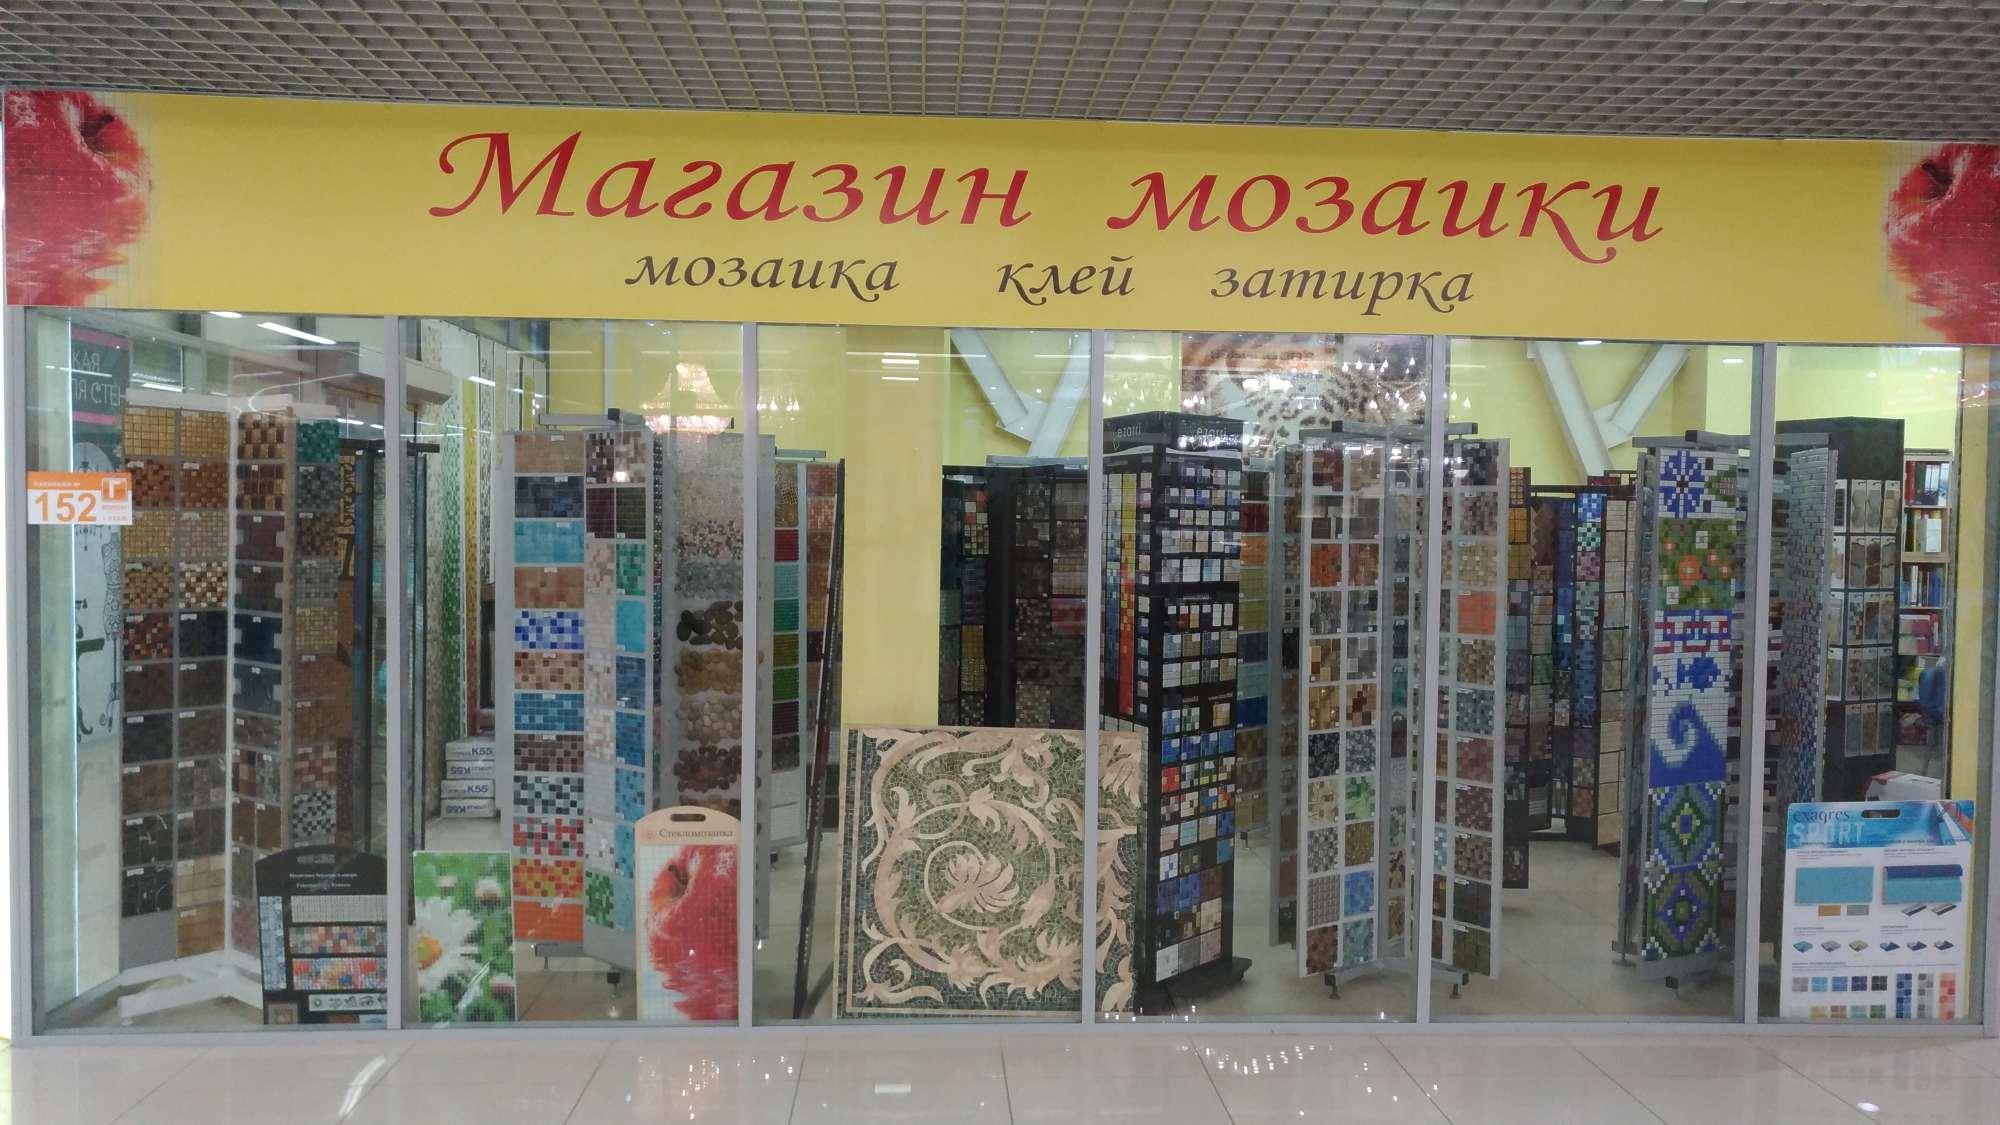 """Фото магазина мозаики """"Мозаинка"""" в Румянцево"""